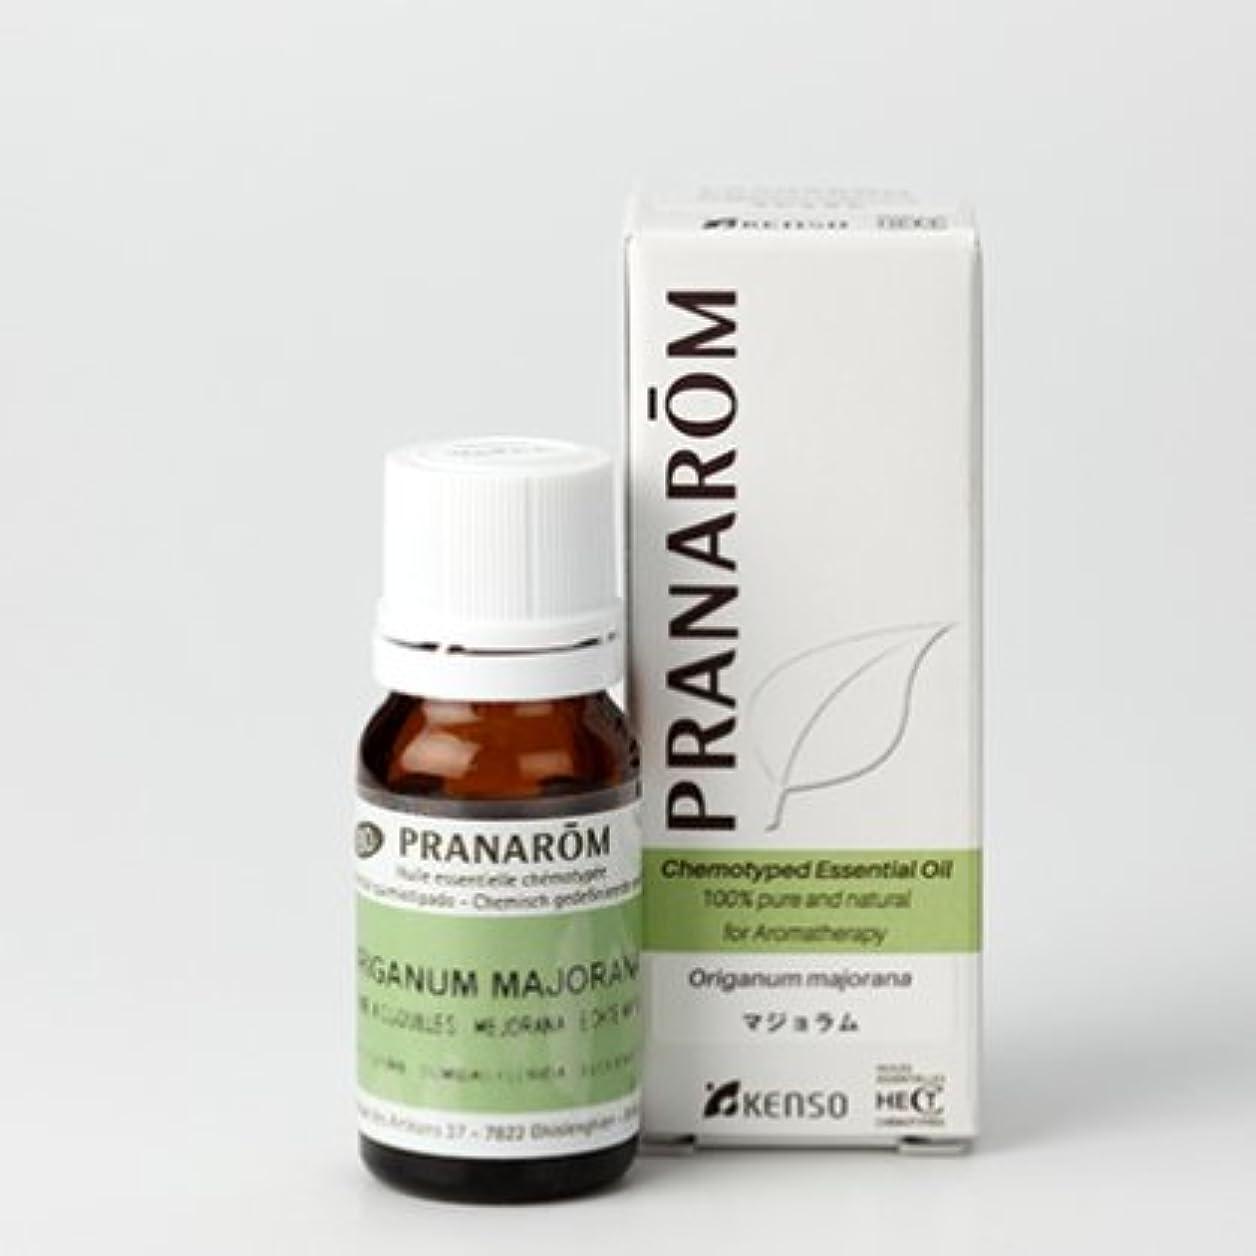 抗生物質焦がすブッシュマジョラム 10mlトップノート プラナロム社エッセンシャルオイル(精油)